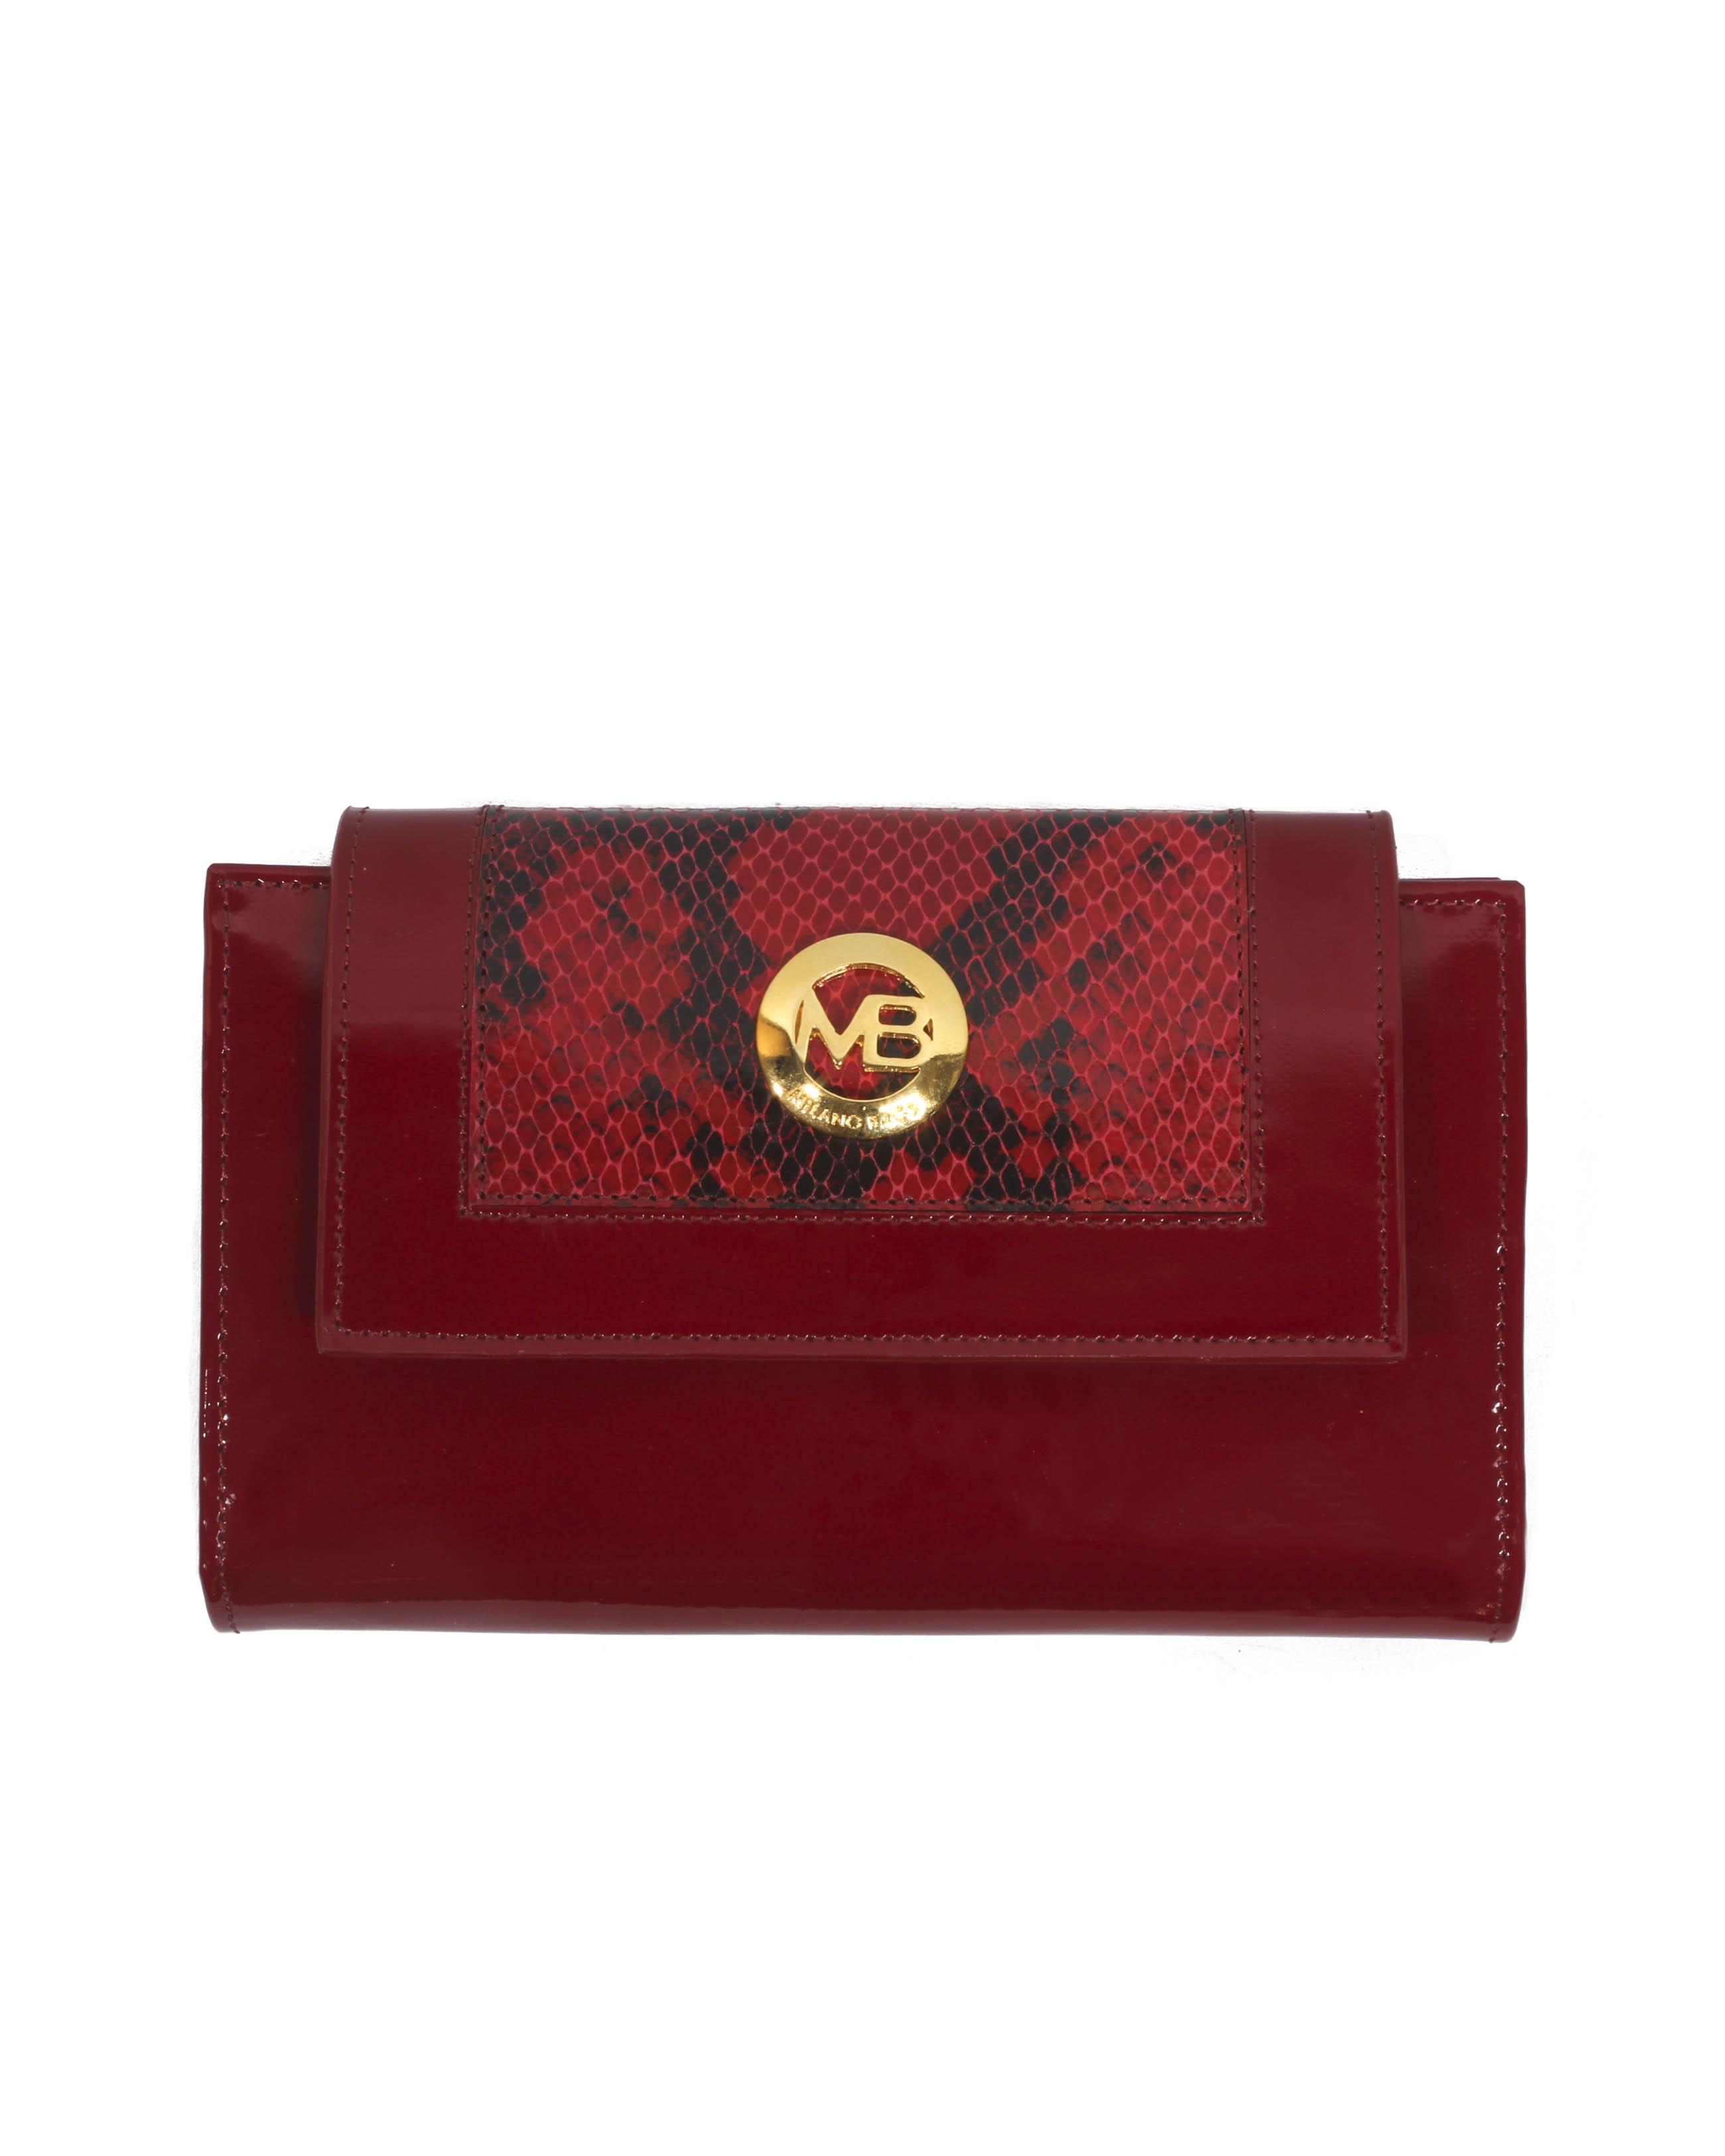 Billetera Mujer BM-0521 Color Rojo